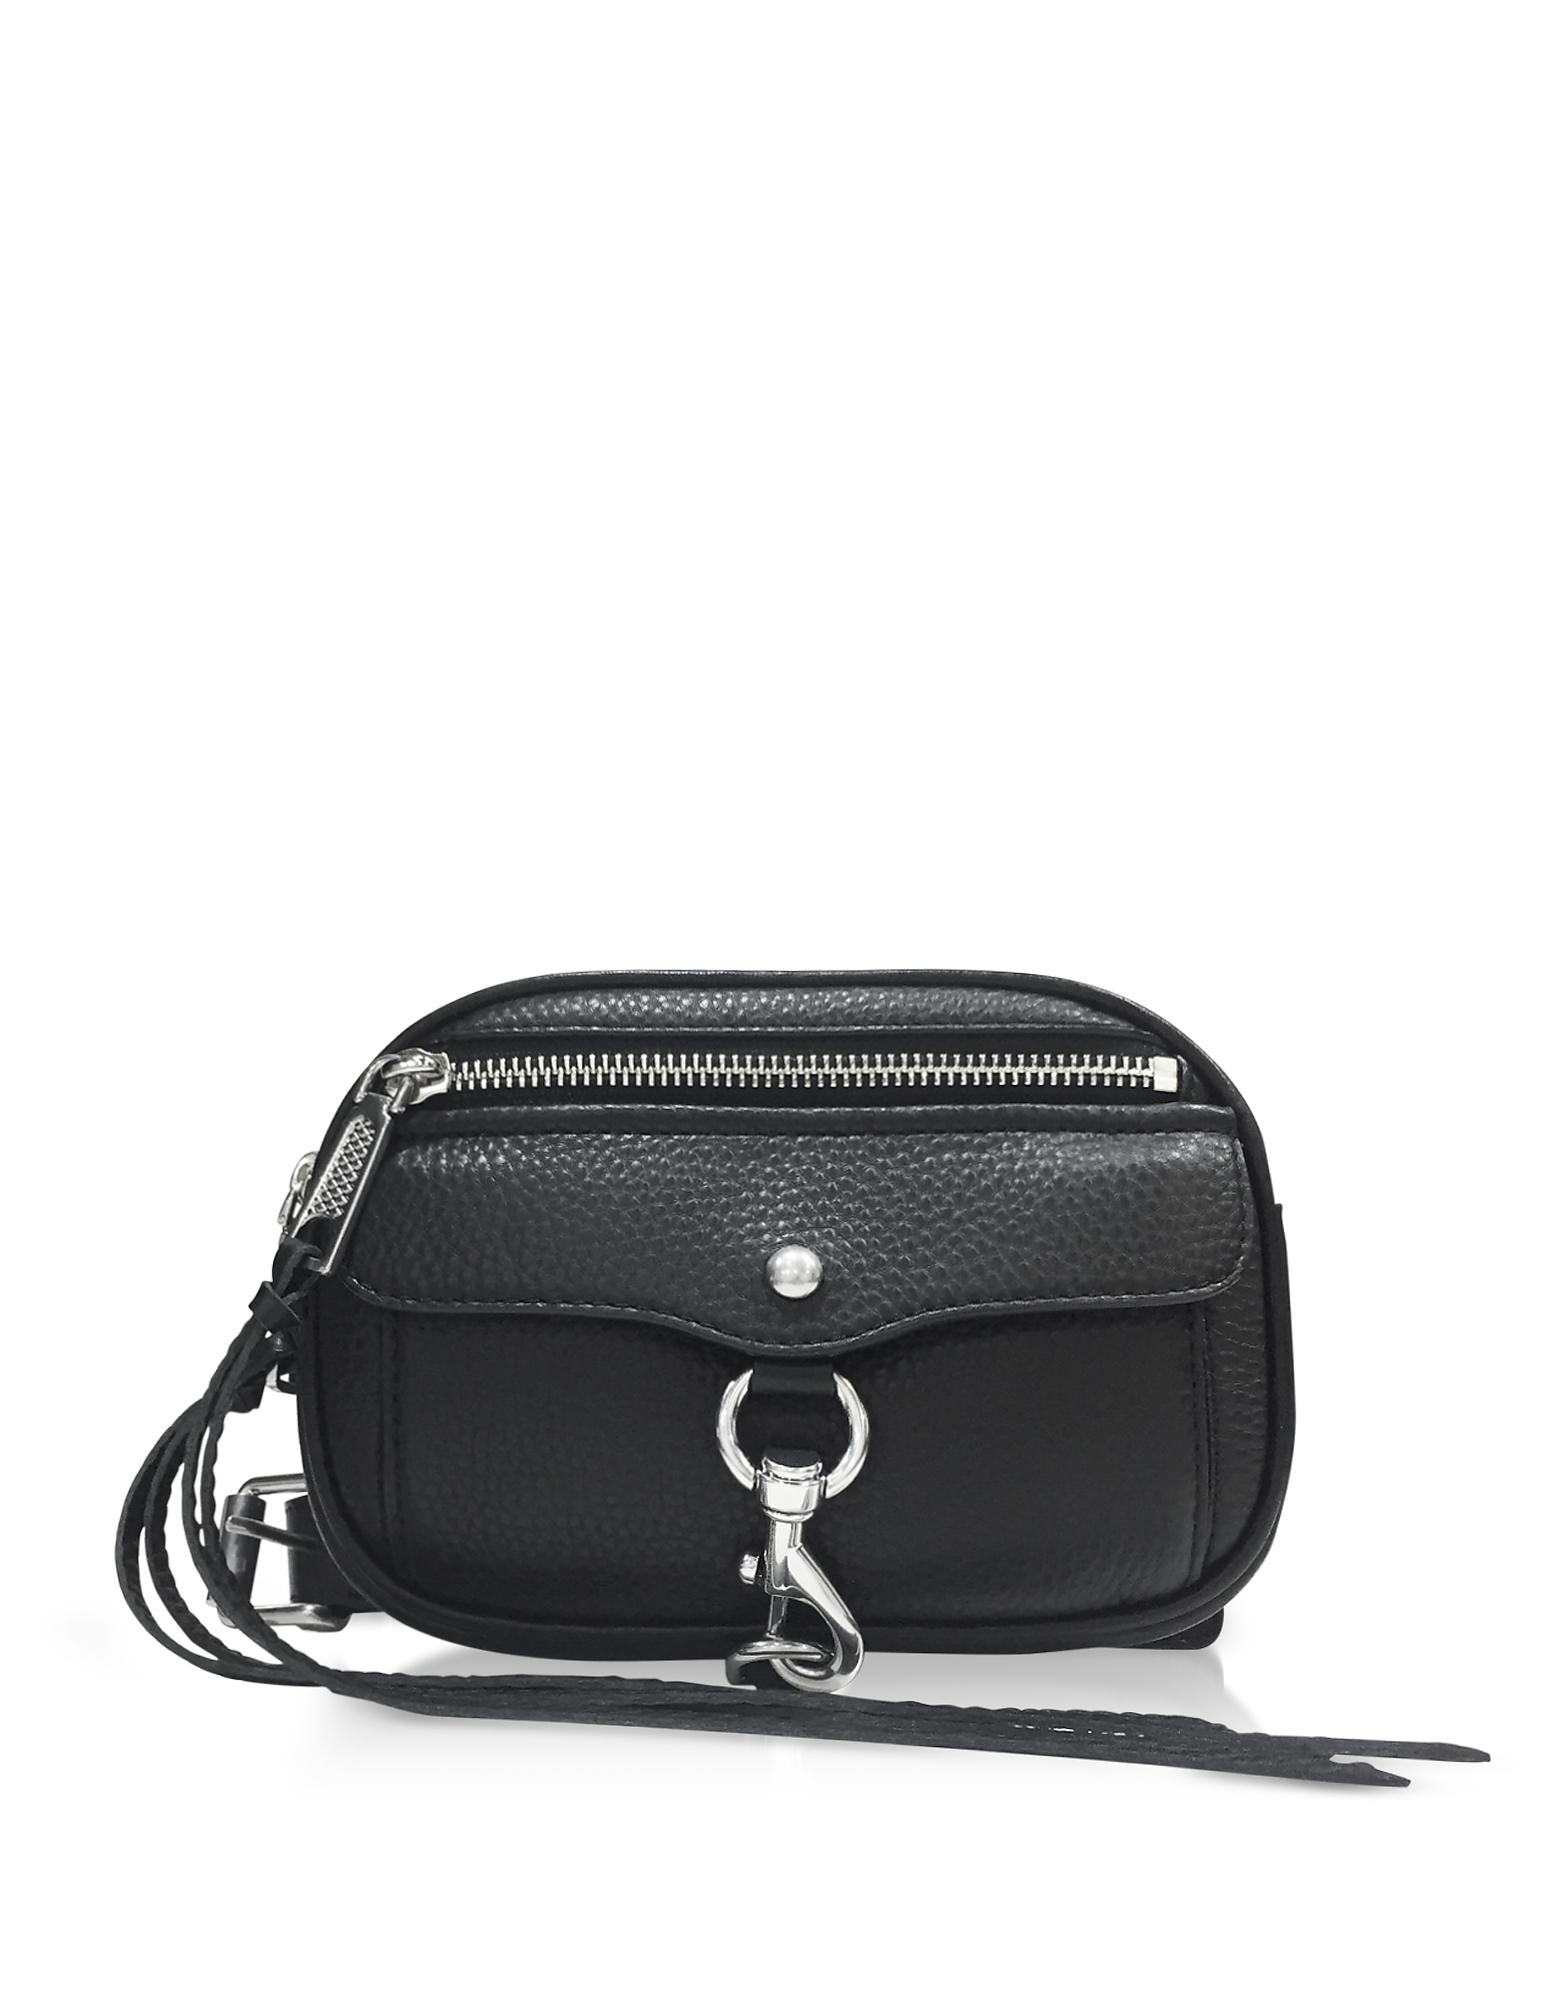 Rebecca Minkoff Handbags, Pebbled Leather Blythe Belt Bag